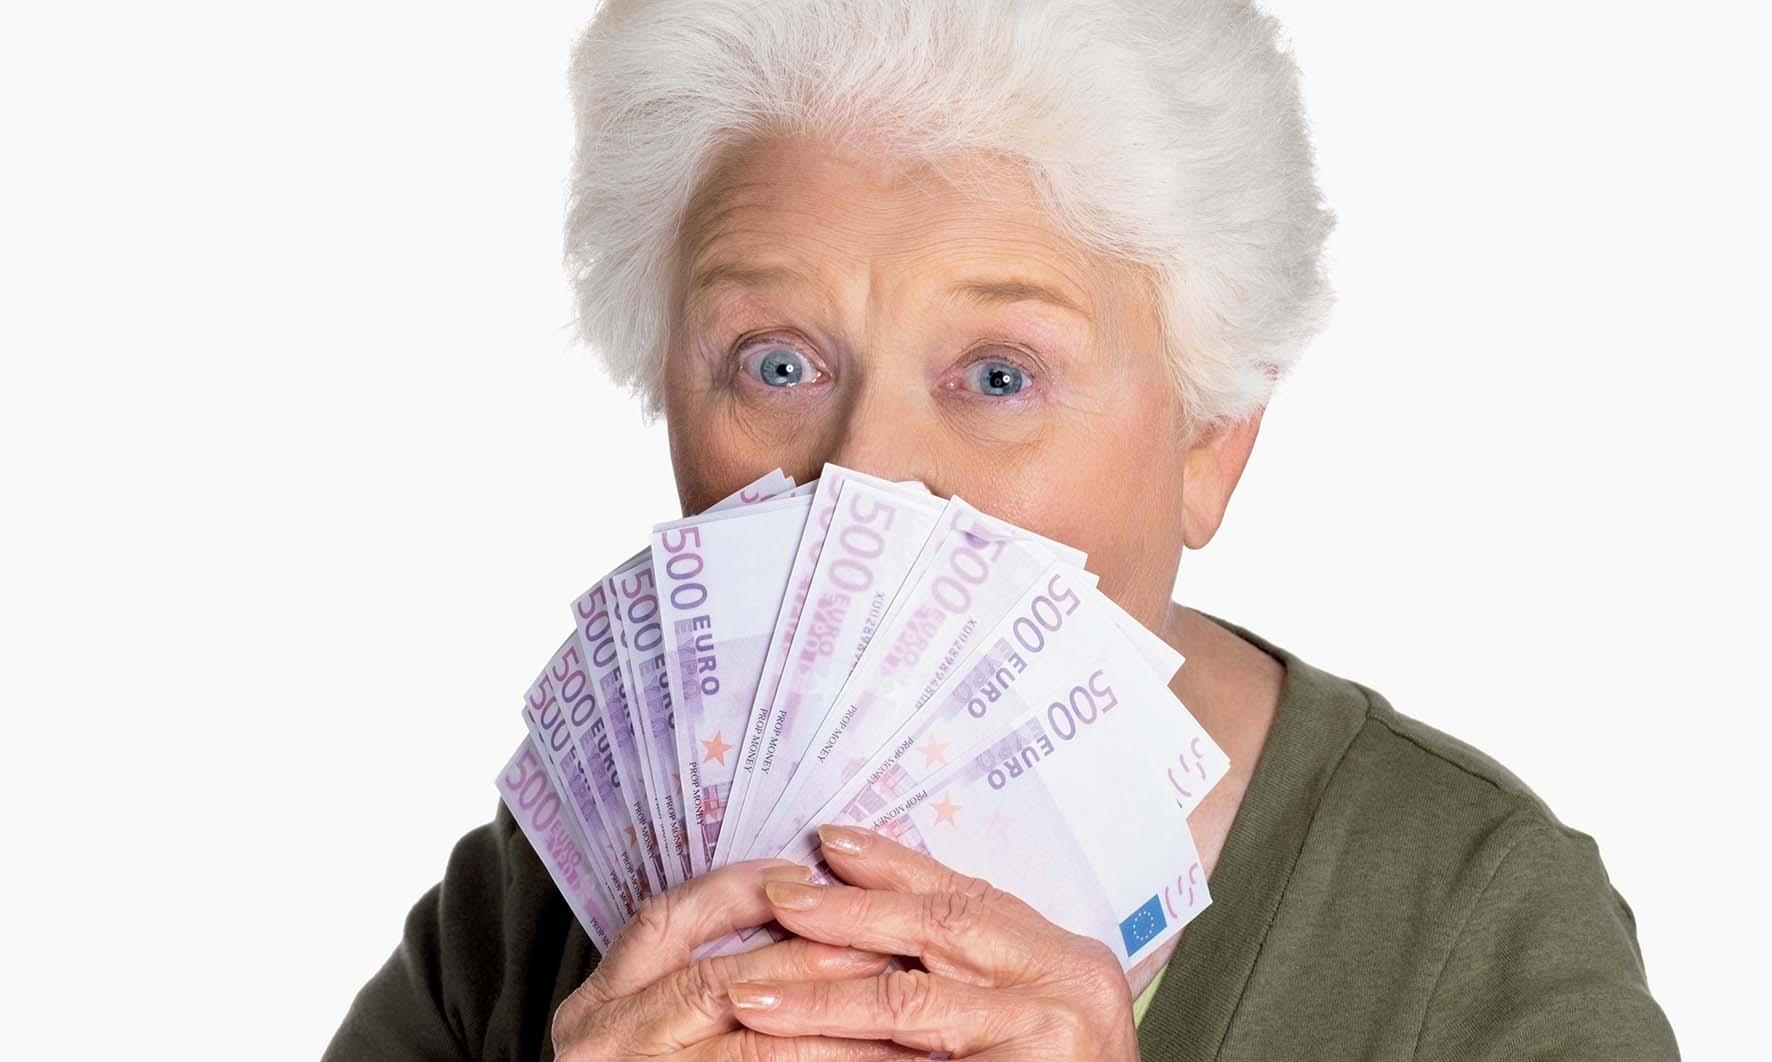 pensioni Pensionata mazzetta soldi FbySh